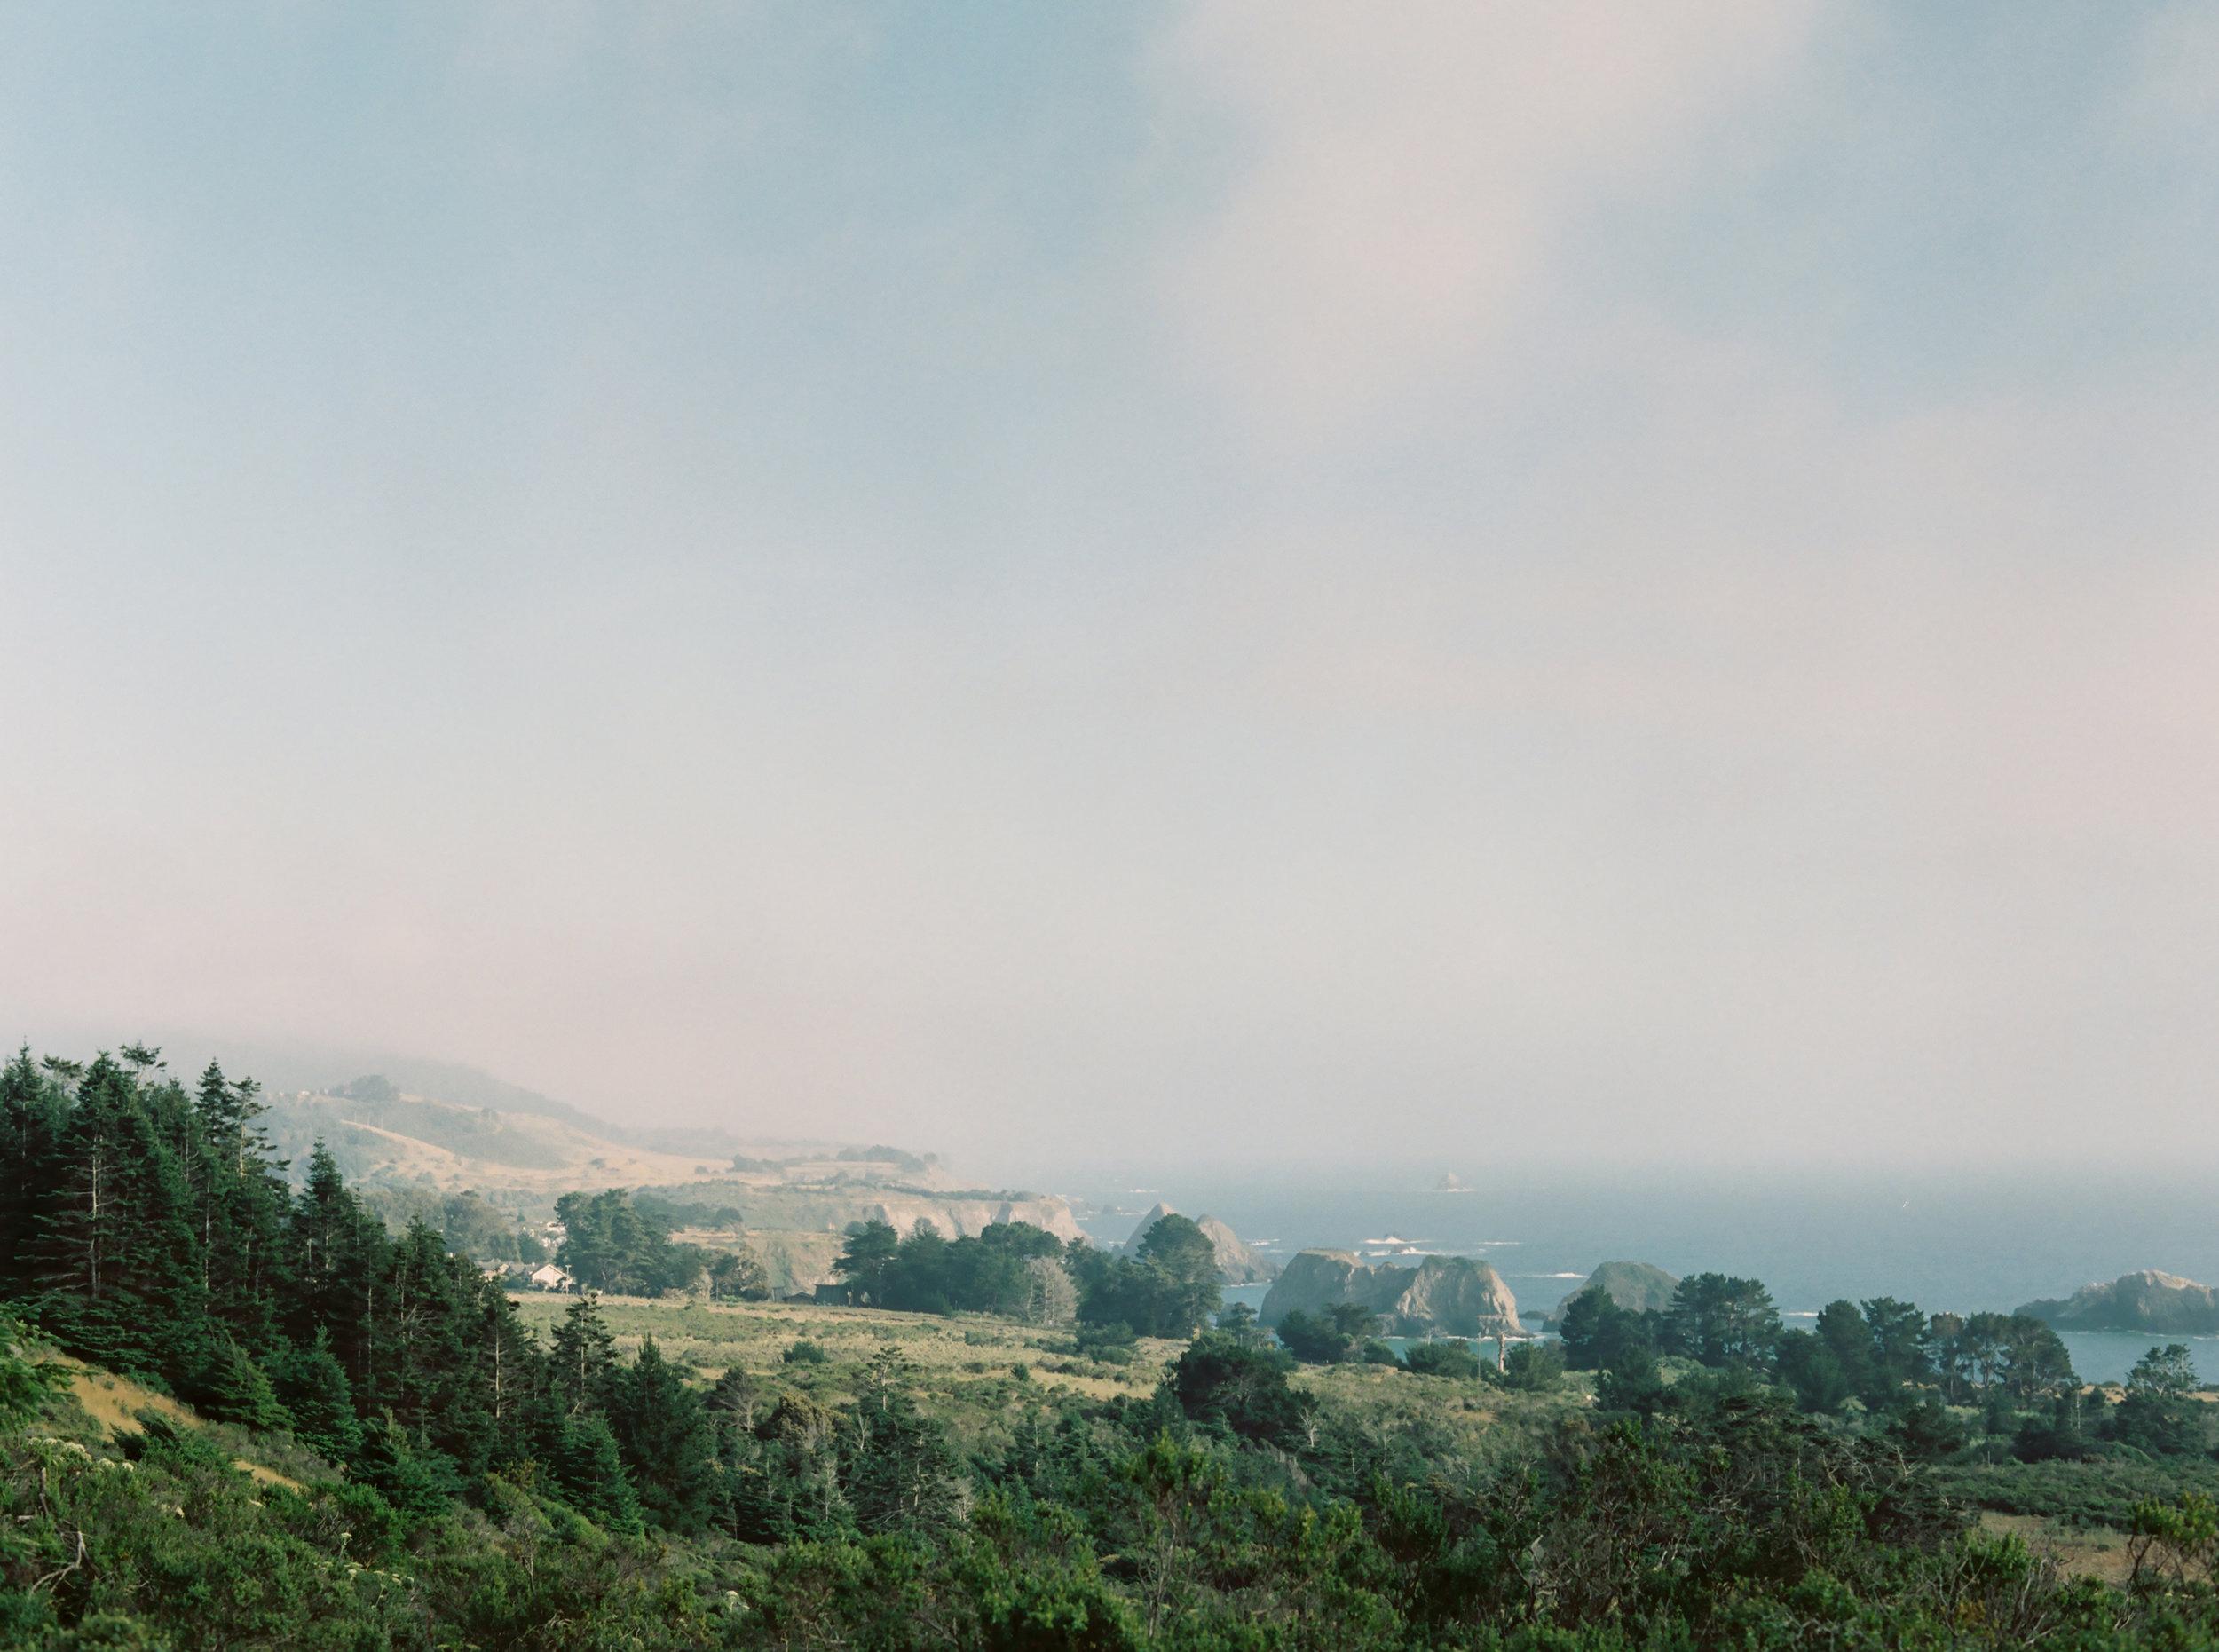 JenHuang-elk-california-21-8649_05.jpg